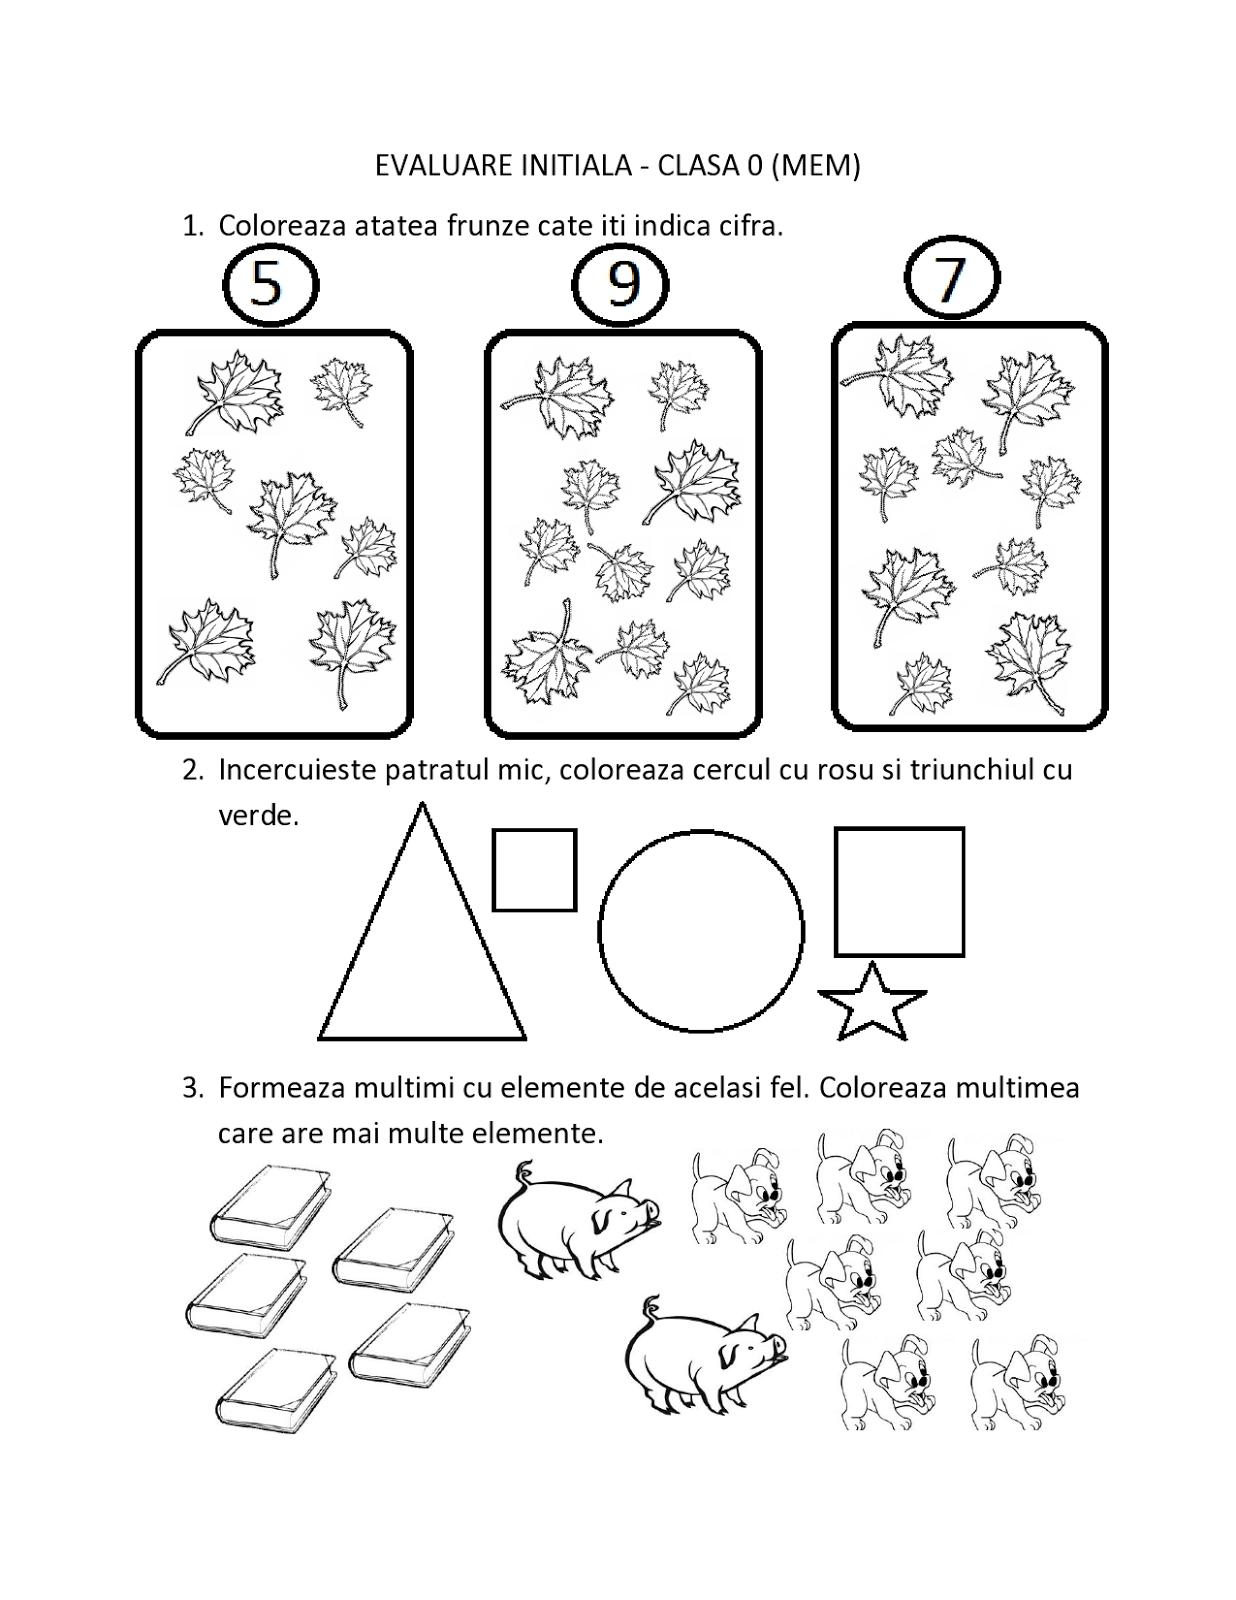 Fise De Evaluare Initiala Pentru Clasa 0 Pregatitoare Mem